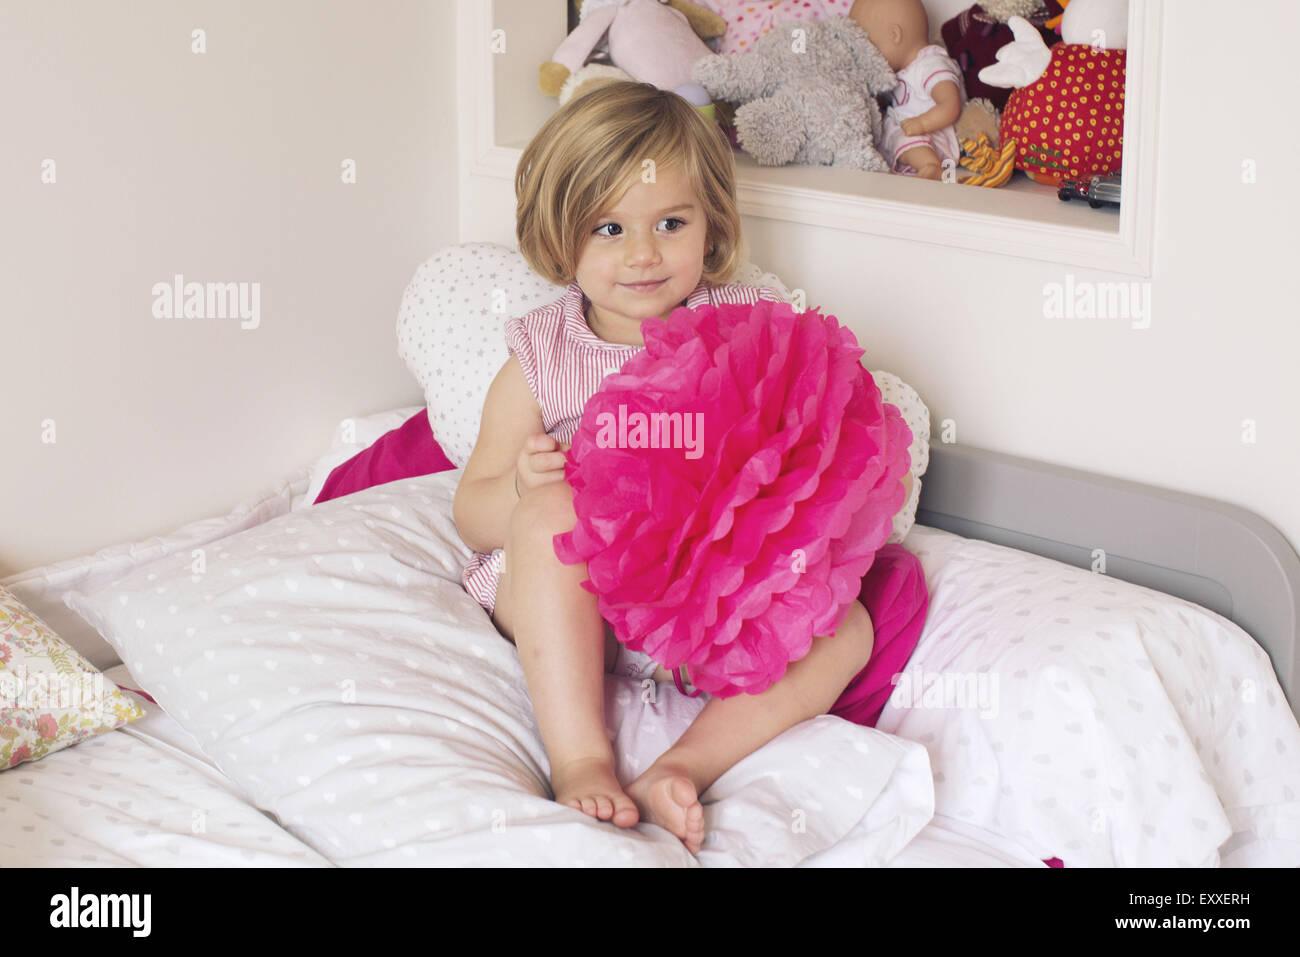 Bambina azienda carta tessuto pompom Immagini Stock